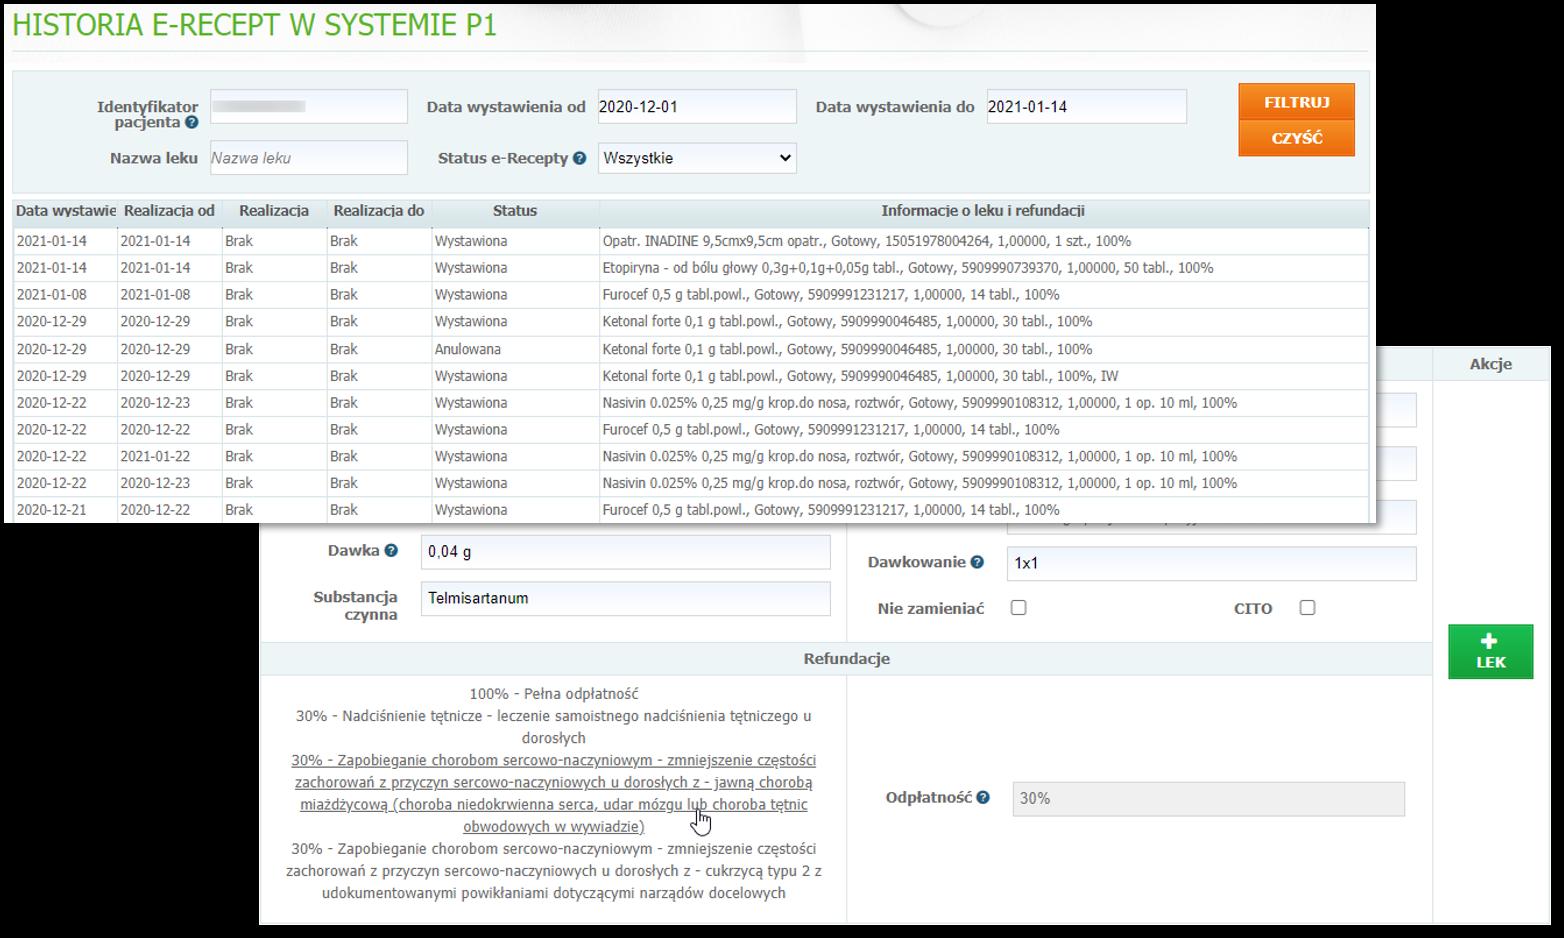 Przeglądarka P1 inarzędzie pomagające określić poziom refundacji leku wsystemie Mediporta